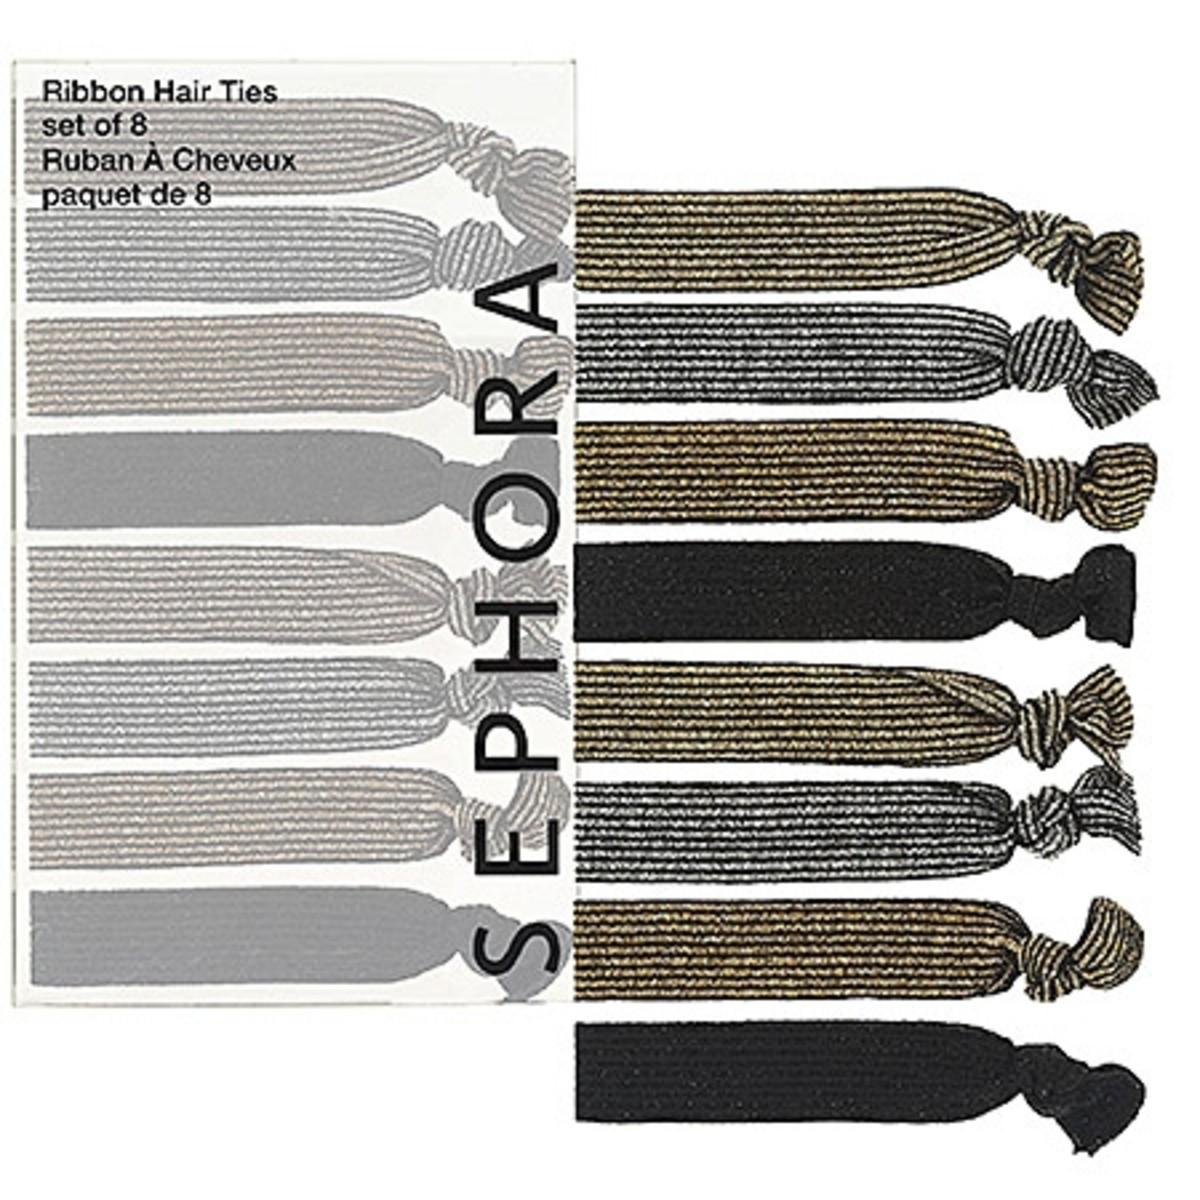 Sephora Collection Ribbon Hair Ties Metallic